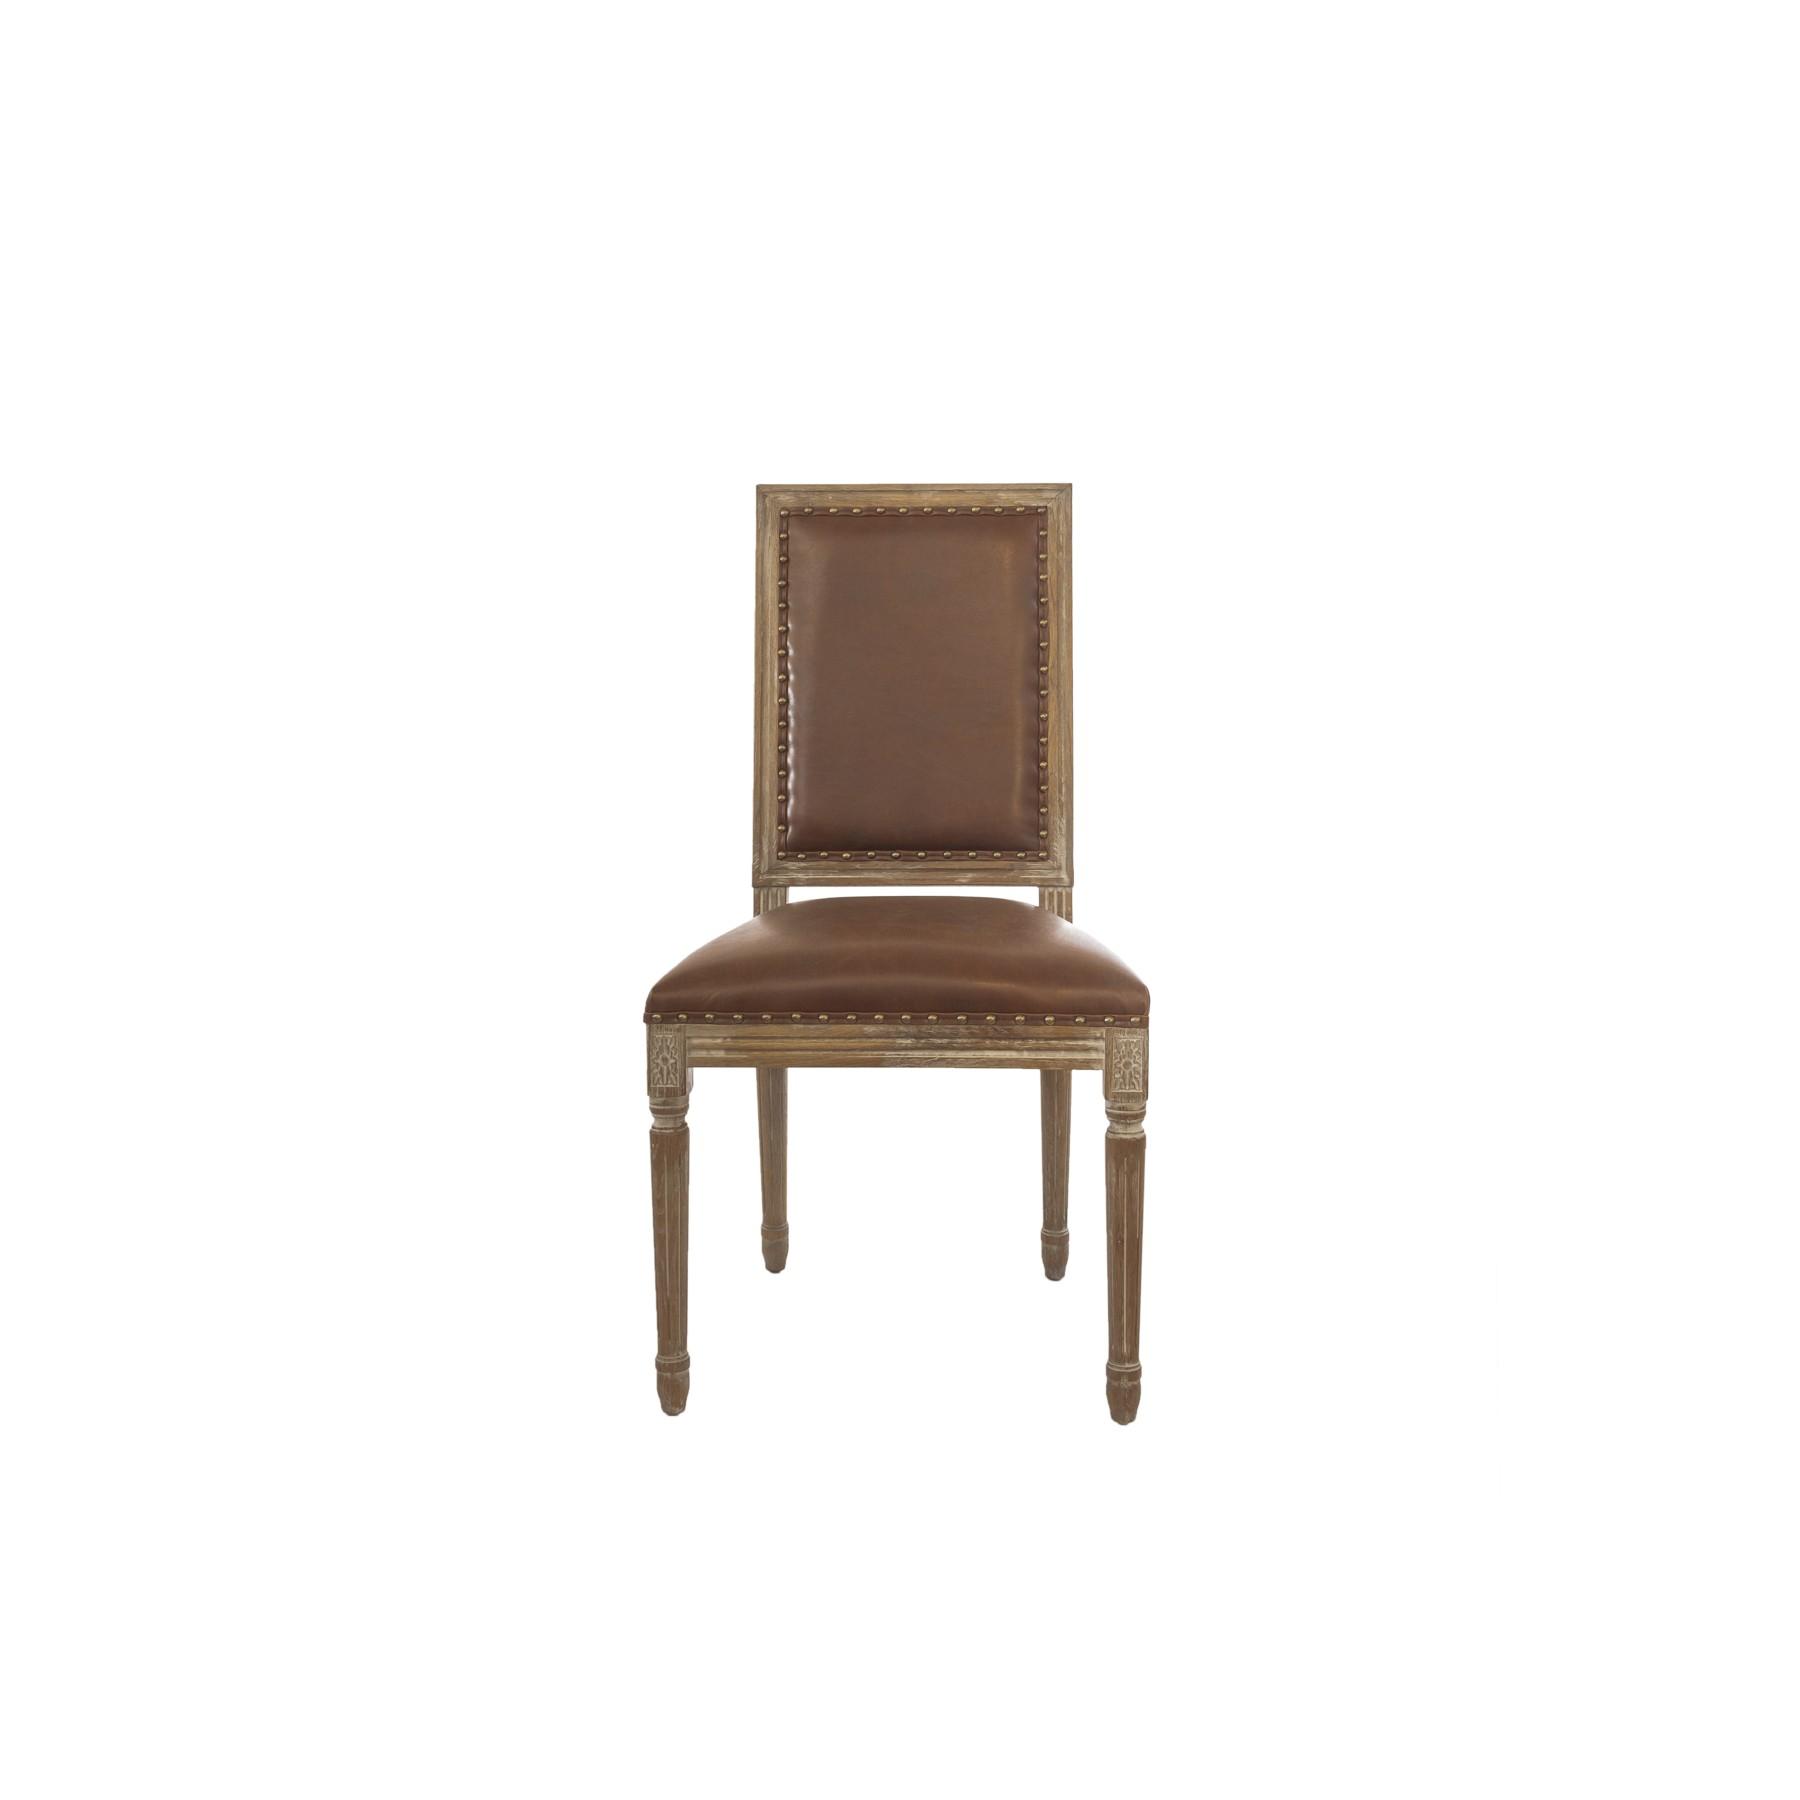 Sillas blancas baratas silla berlin blanca with sillas for Sillas comedor madera baratas